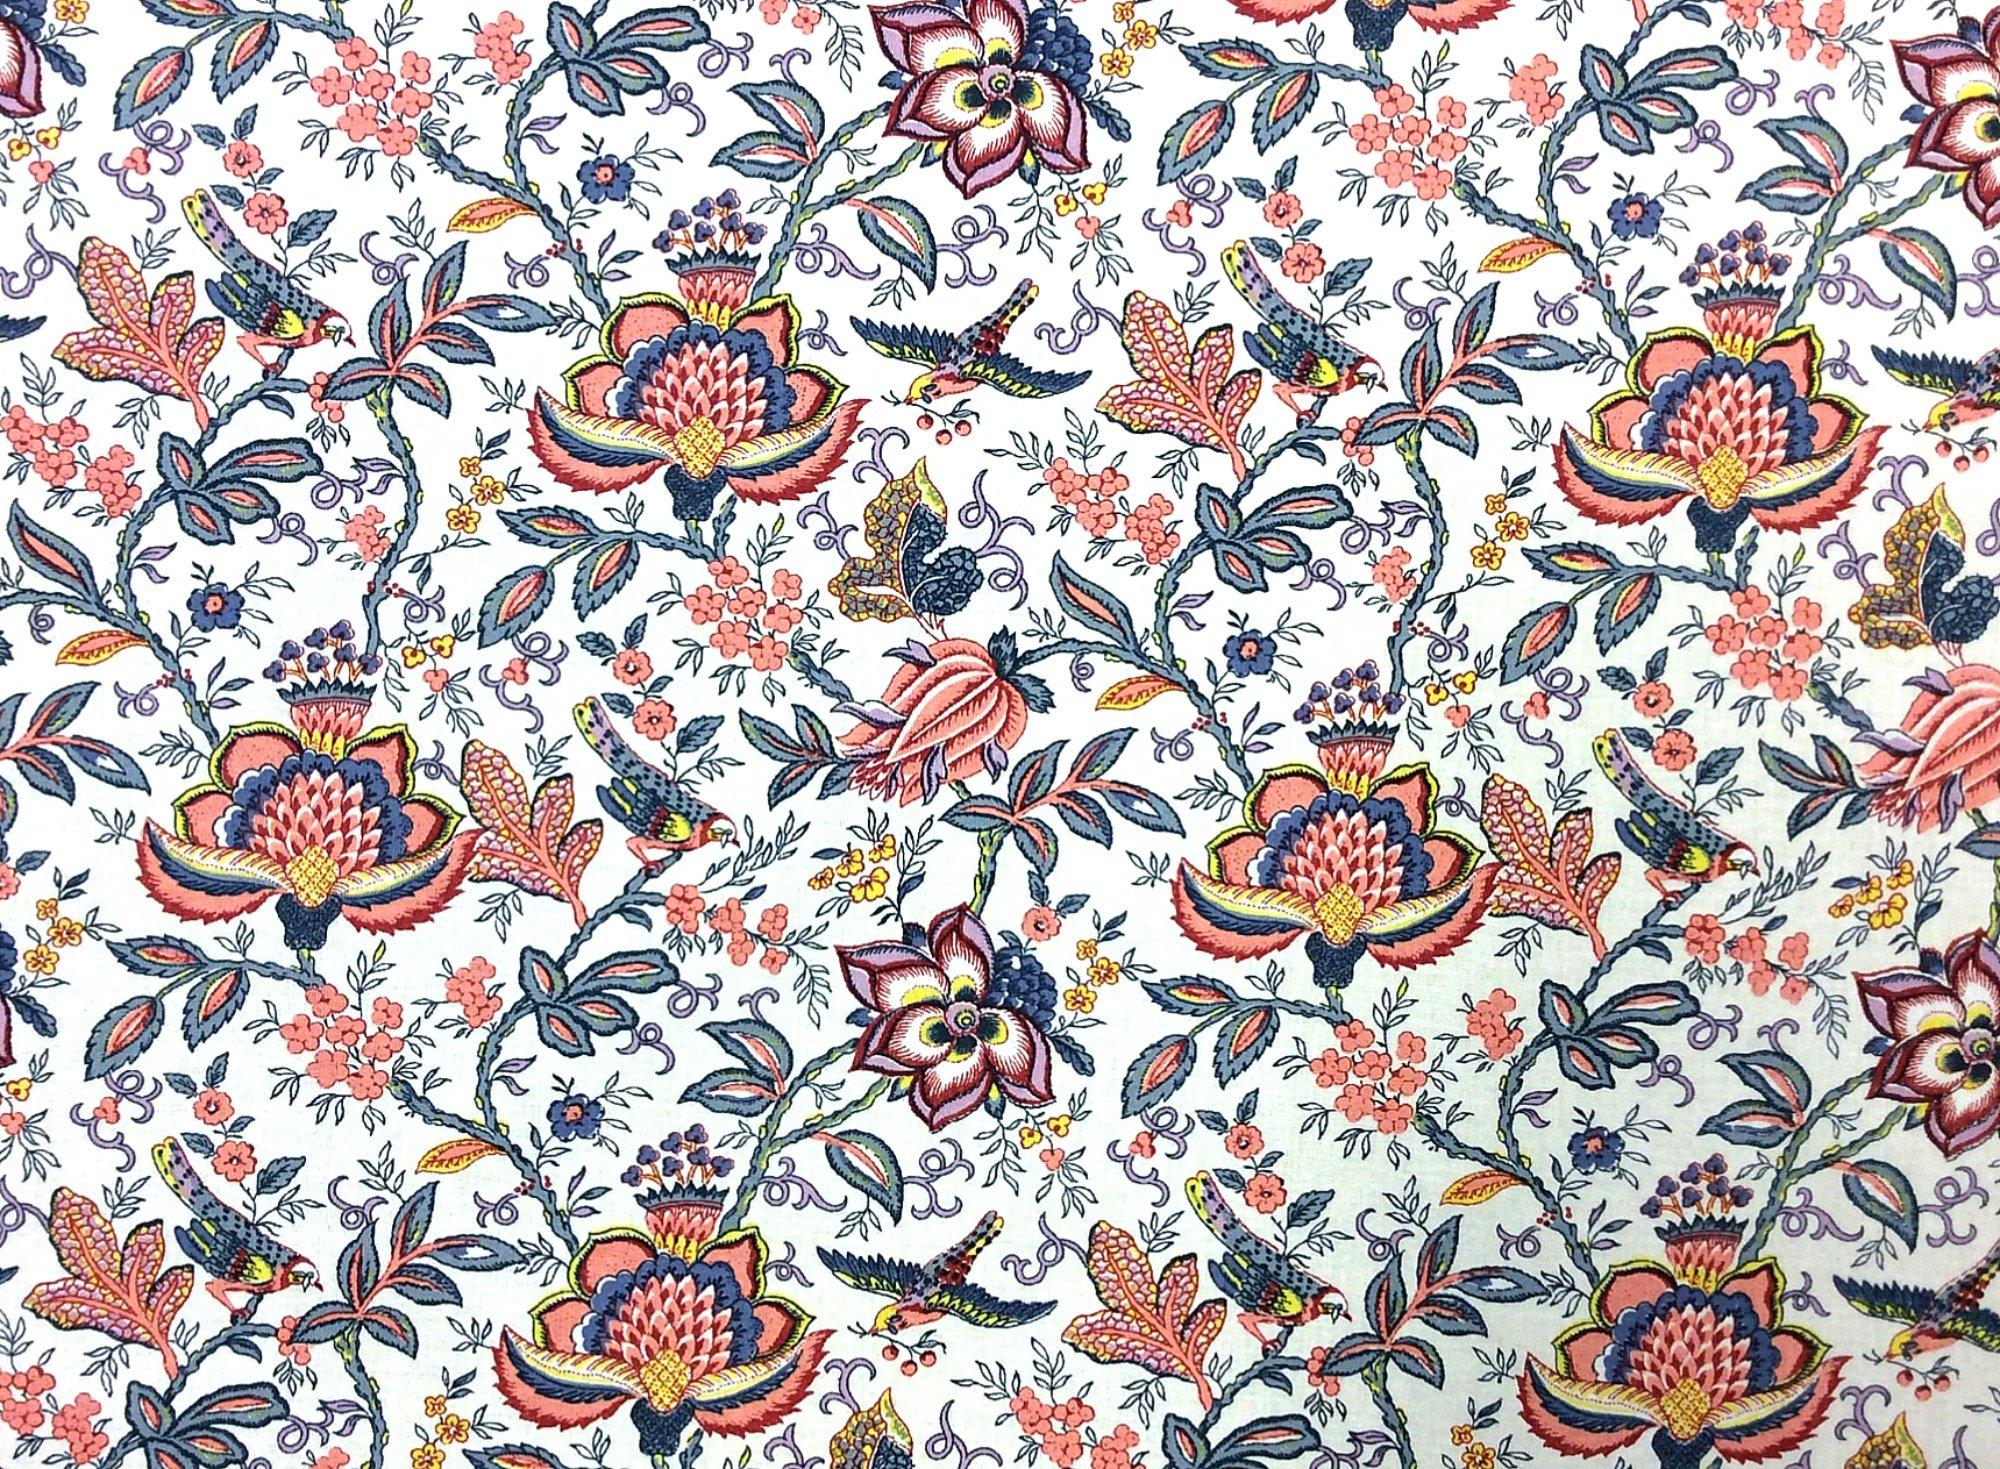 Provence France Valdrome Floral Cotton Home Dec Fabric ST11